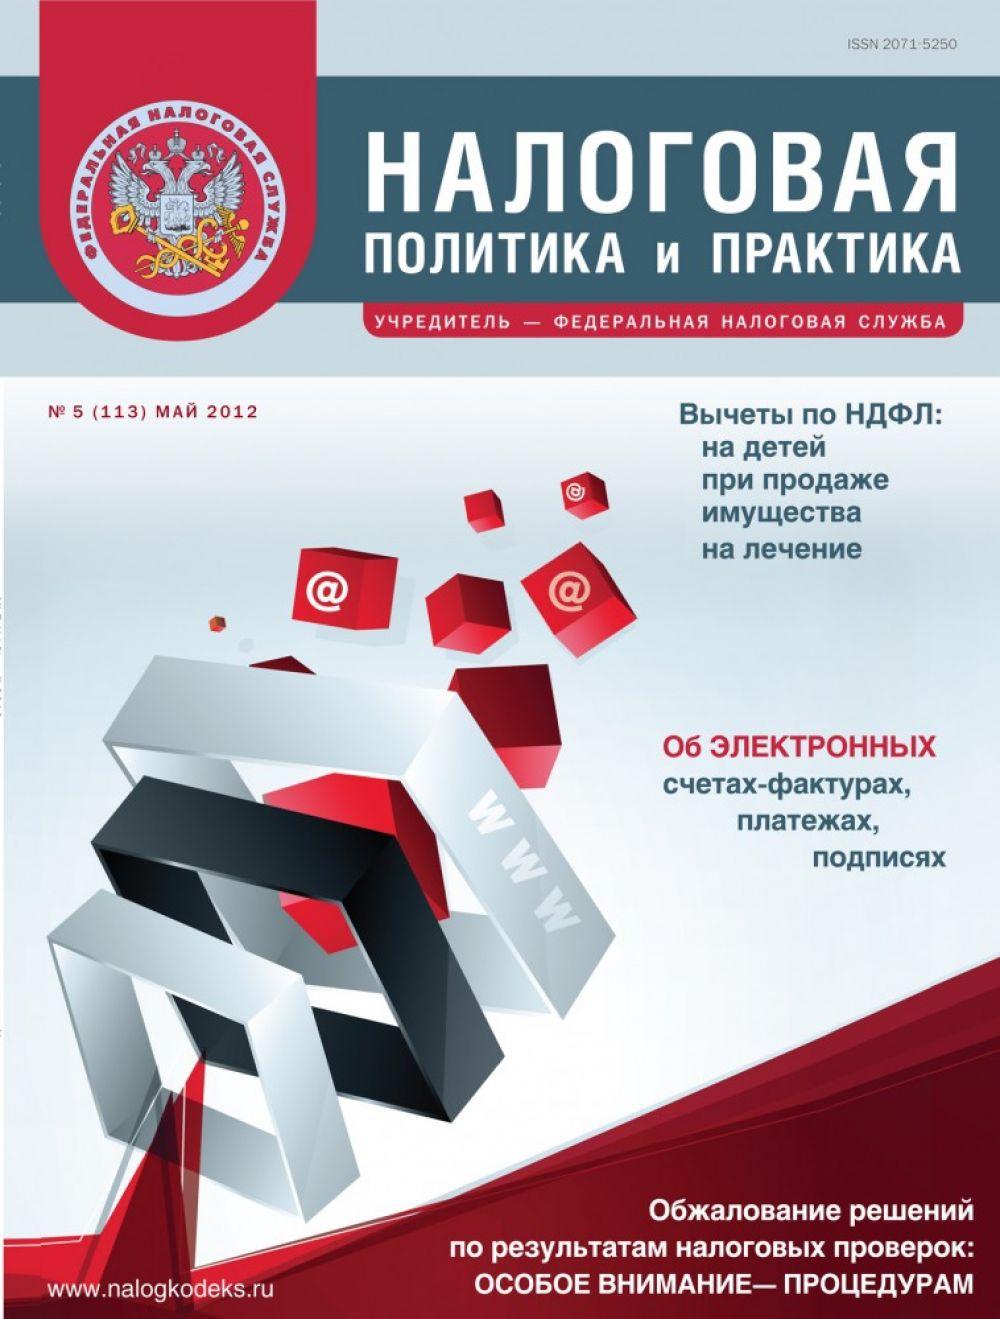 До 15 ноября действует льготная подписка на журнал ФНС России «Налоговая политика и практика»